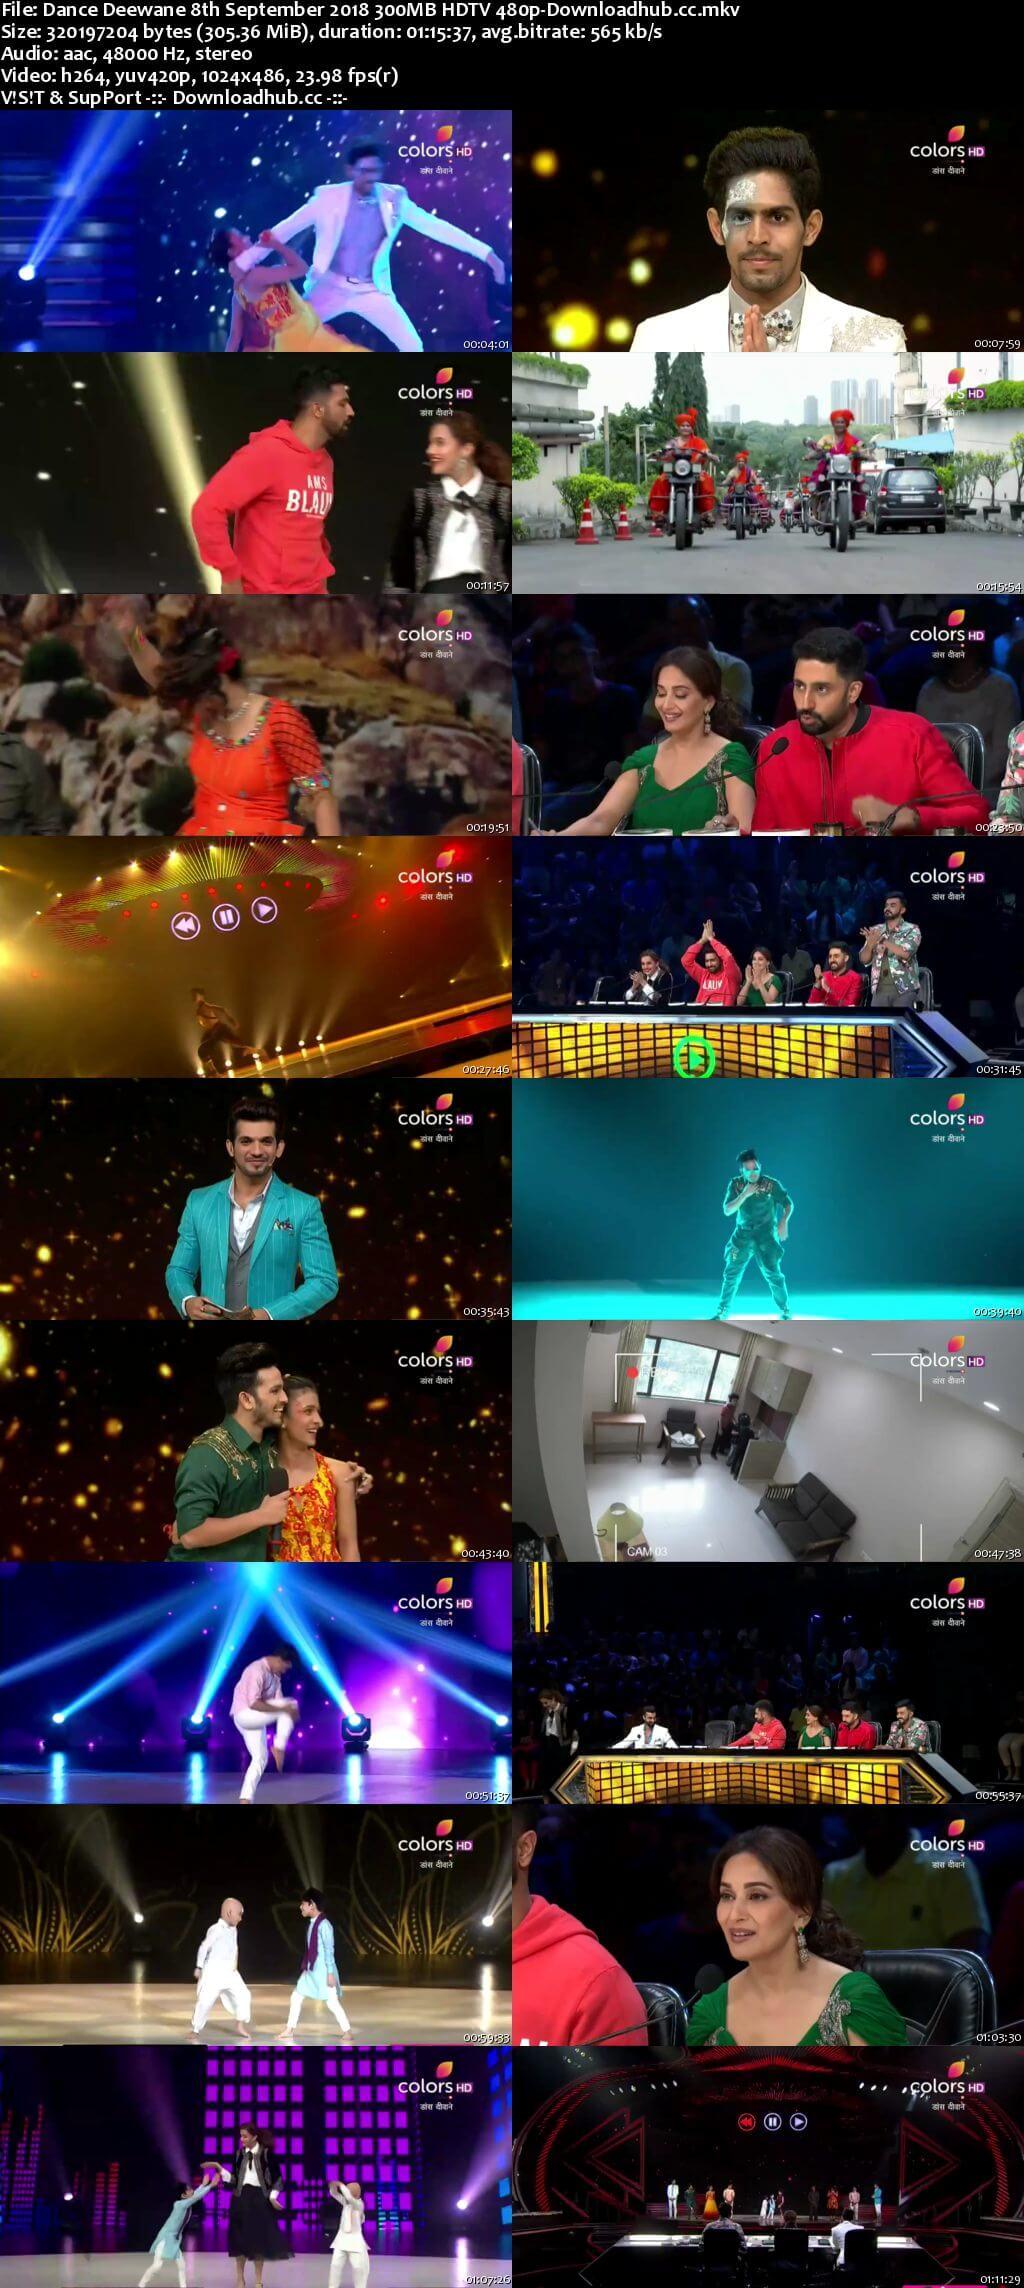 Dance Deewane 08 September 2018 Episode 28 HDTV 480p